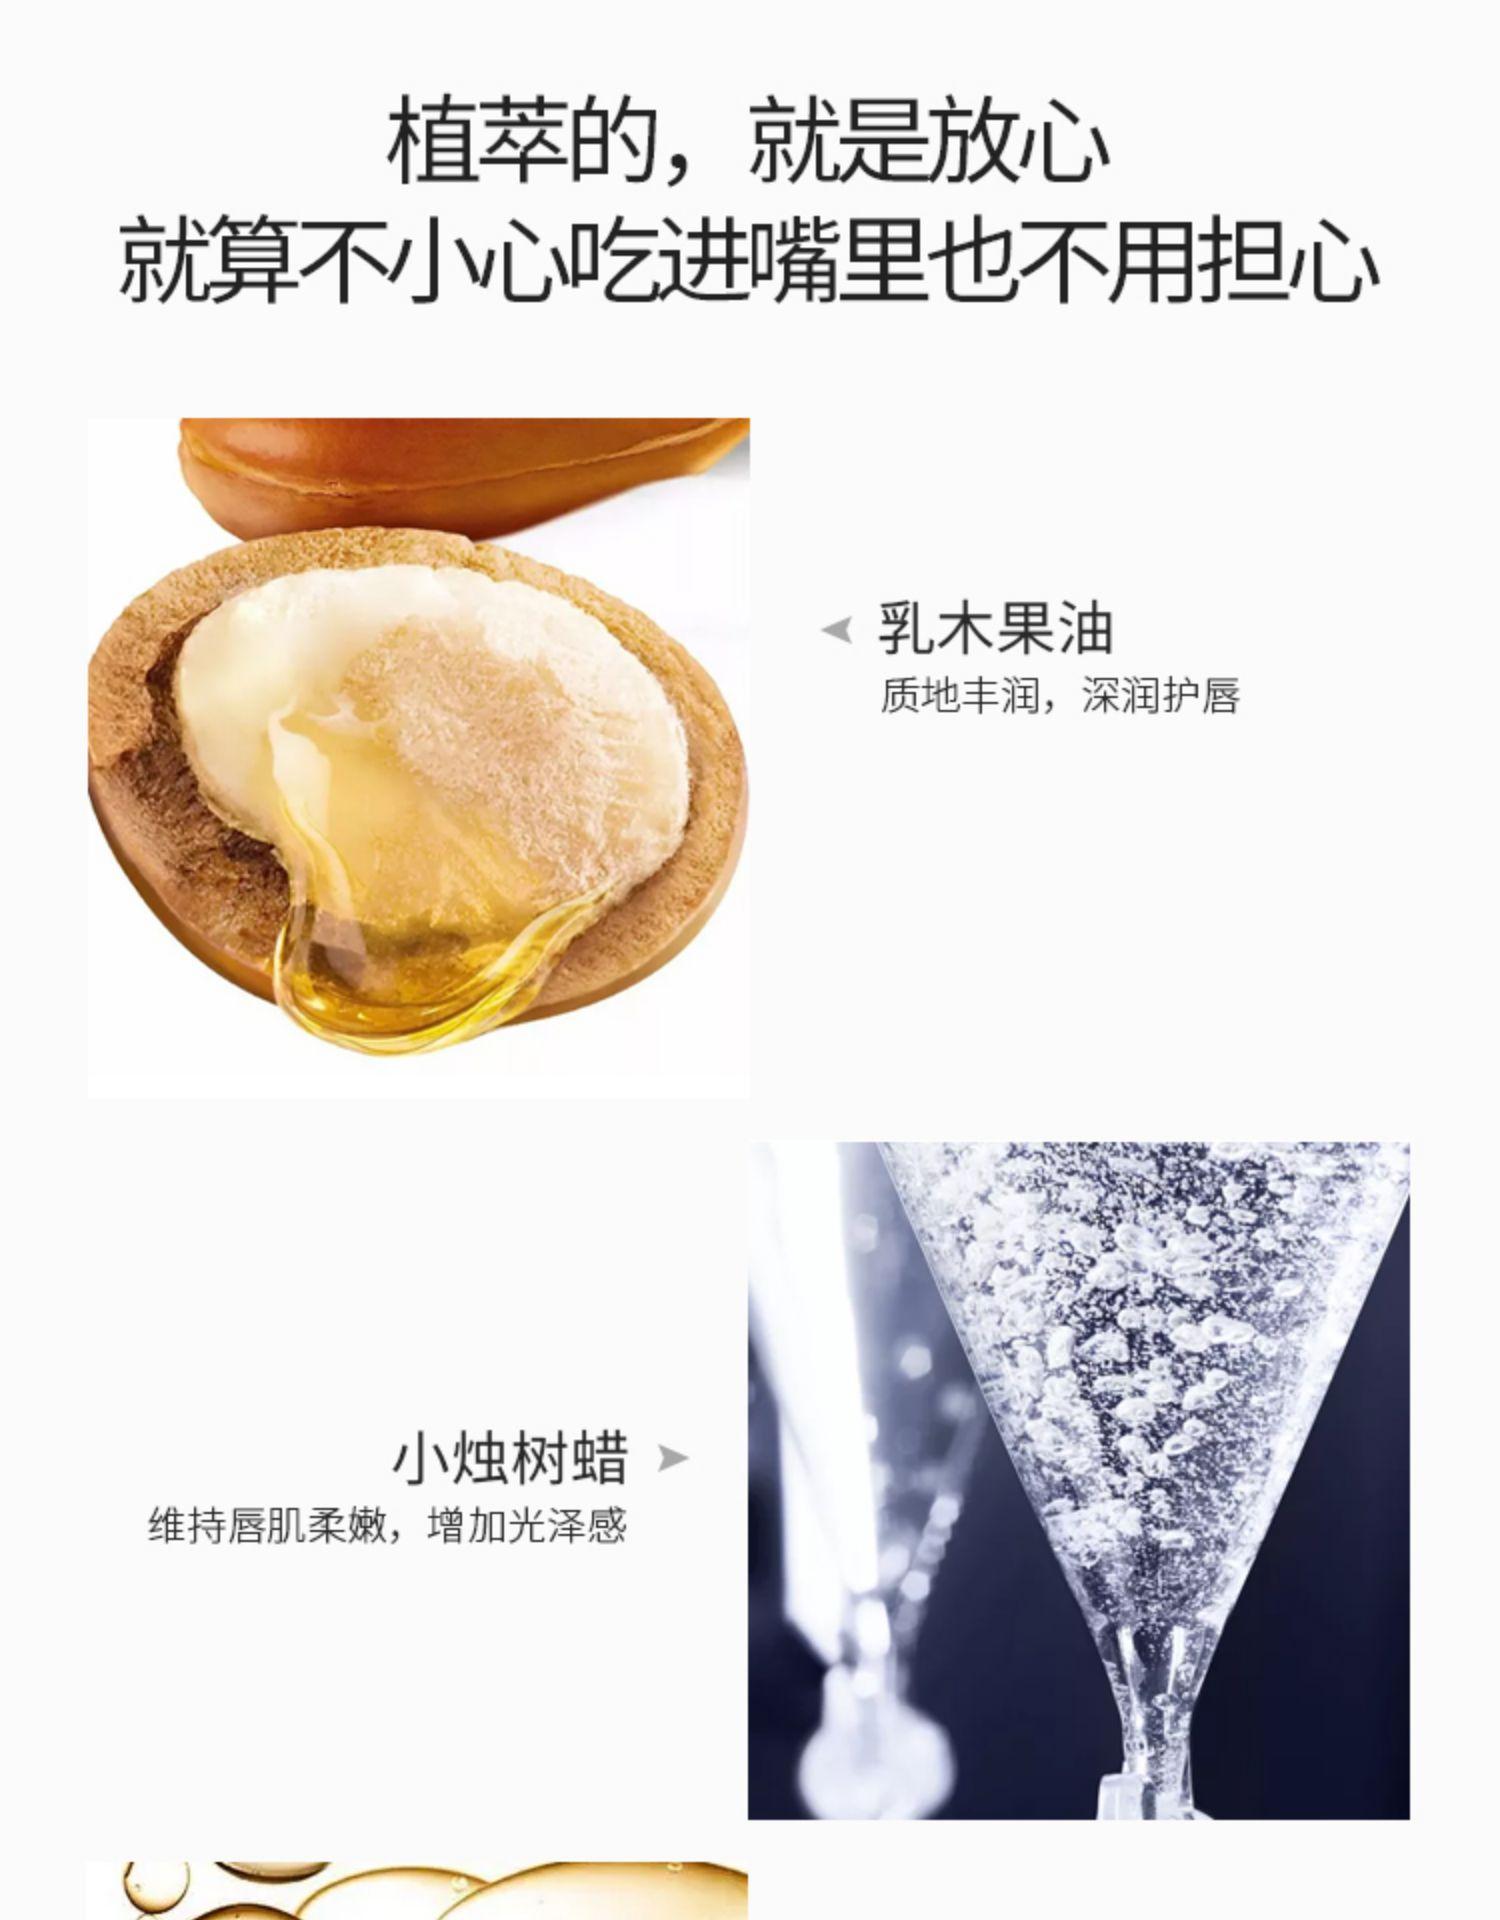 外灘十八號店~歐舒丹唇膏4.5g含10%乳木果保濕滋潤補水防干裂潤唇去死皮